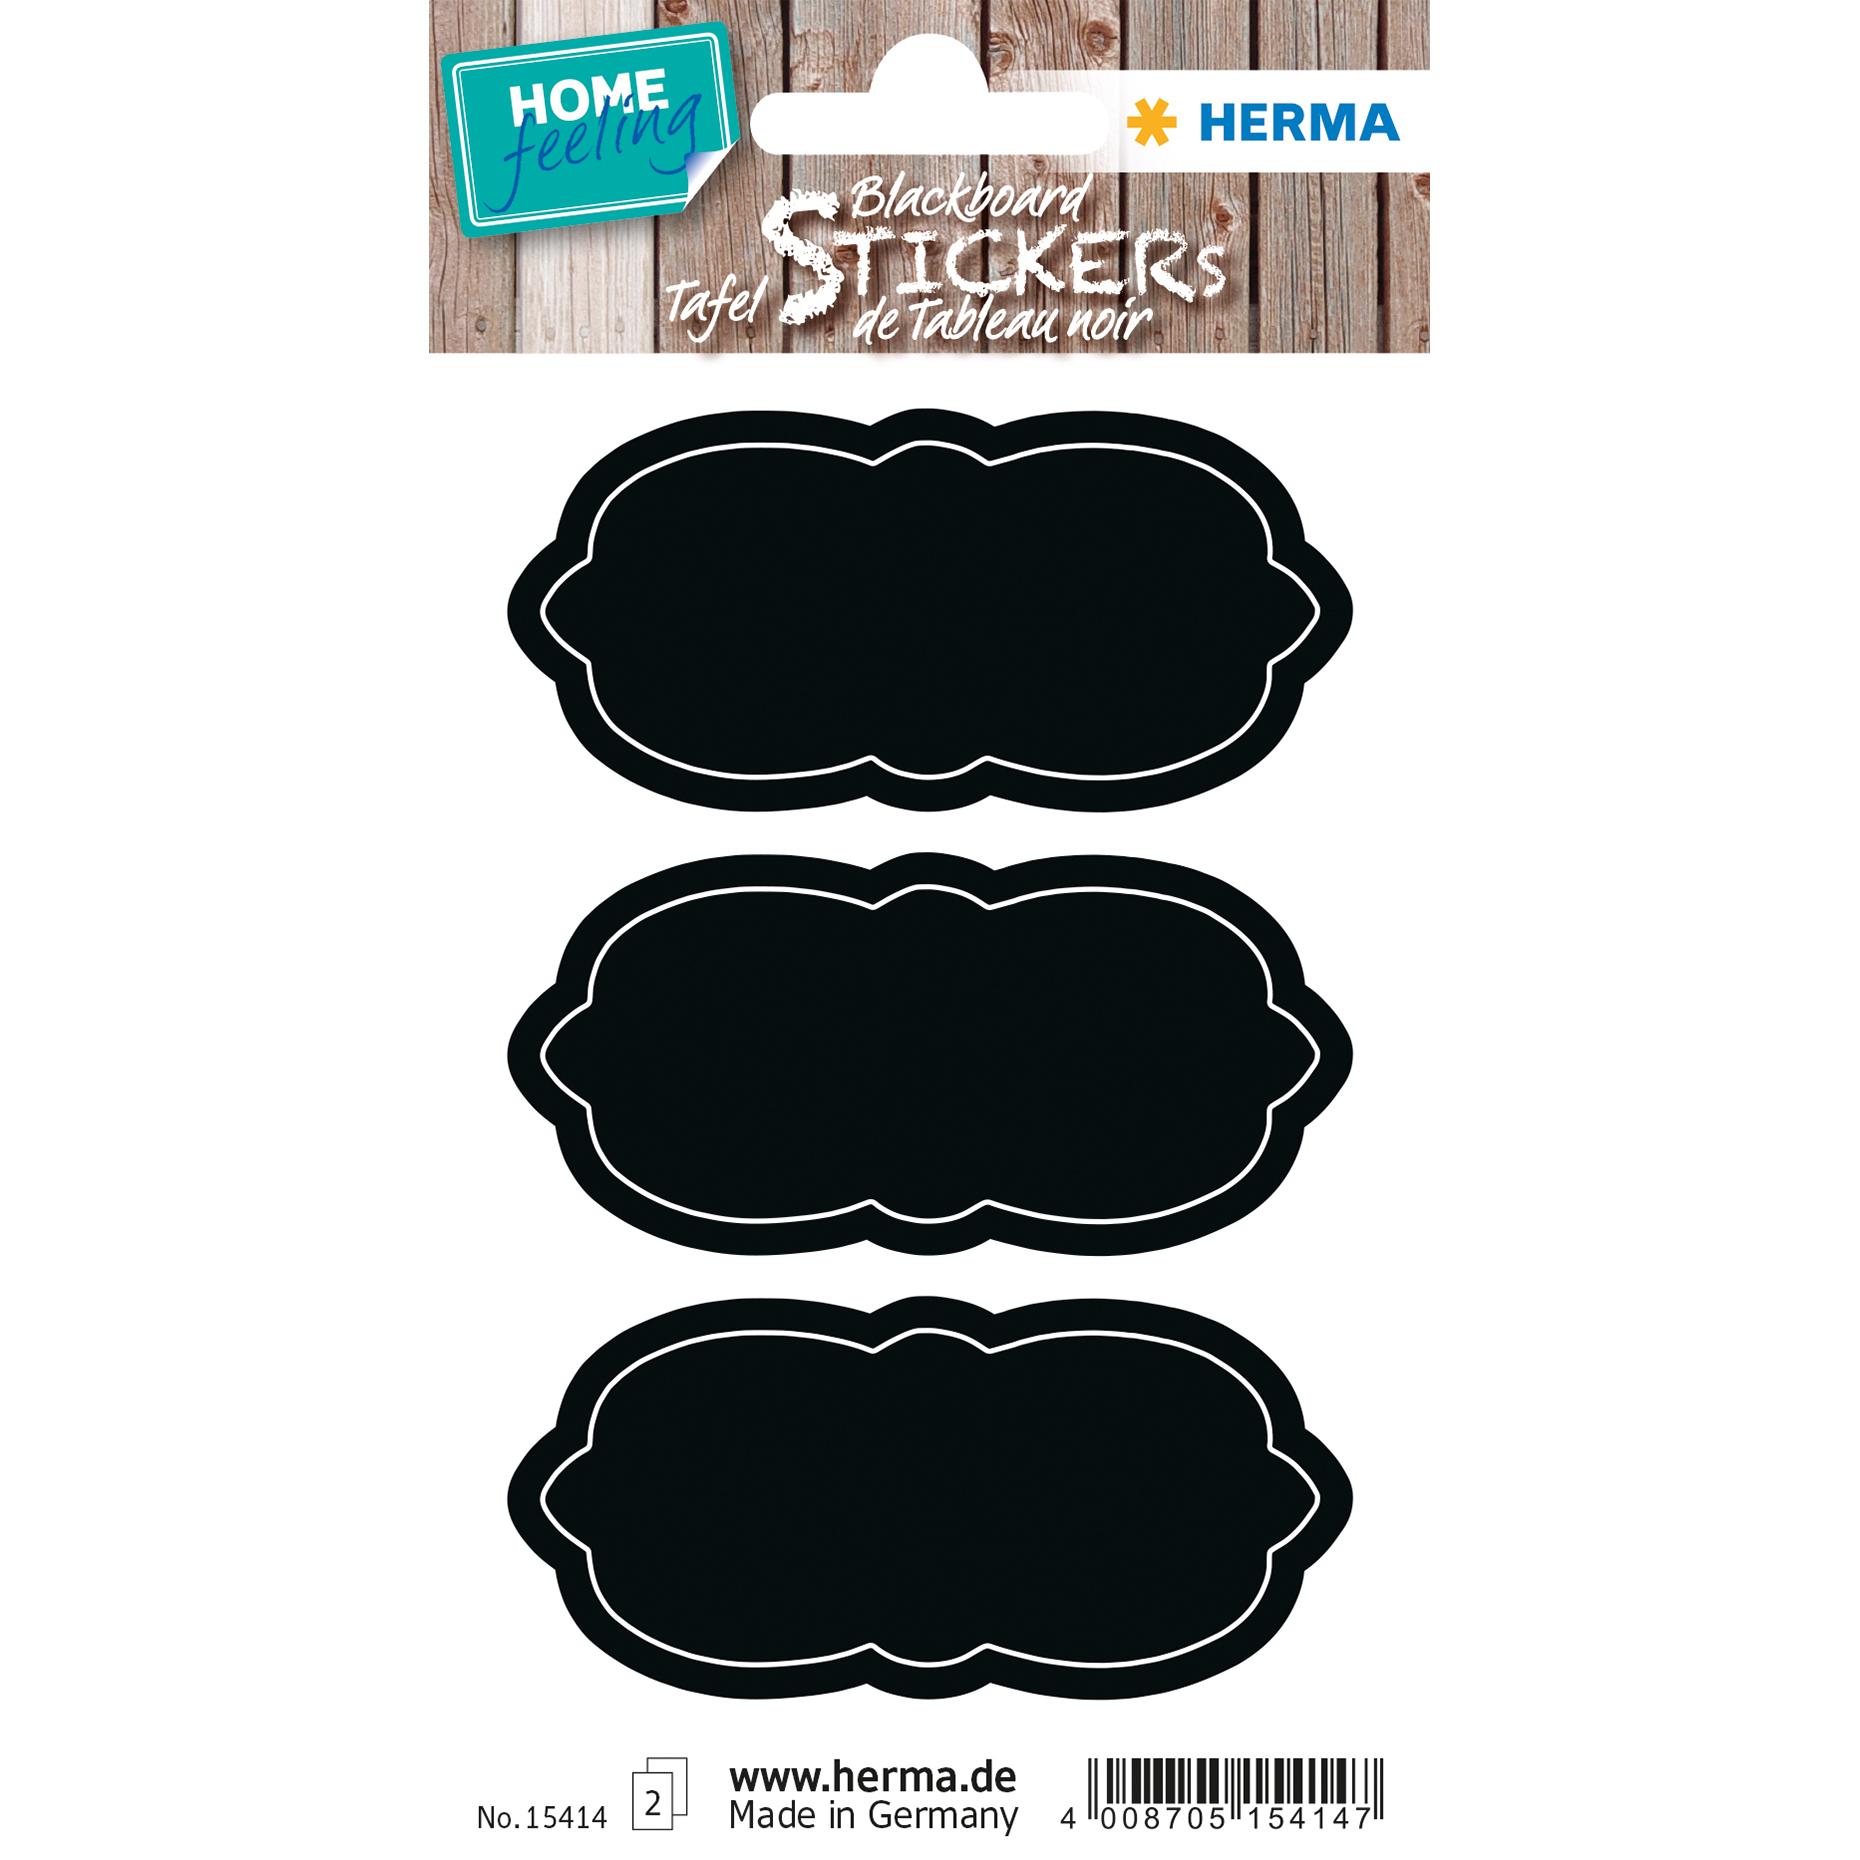 HERMA 15414 - Schwarz - Dauerhaft - Papier - 4 Stück(e) - Sichtverpackung